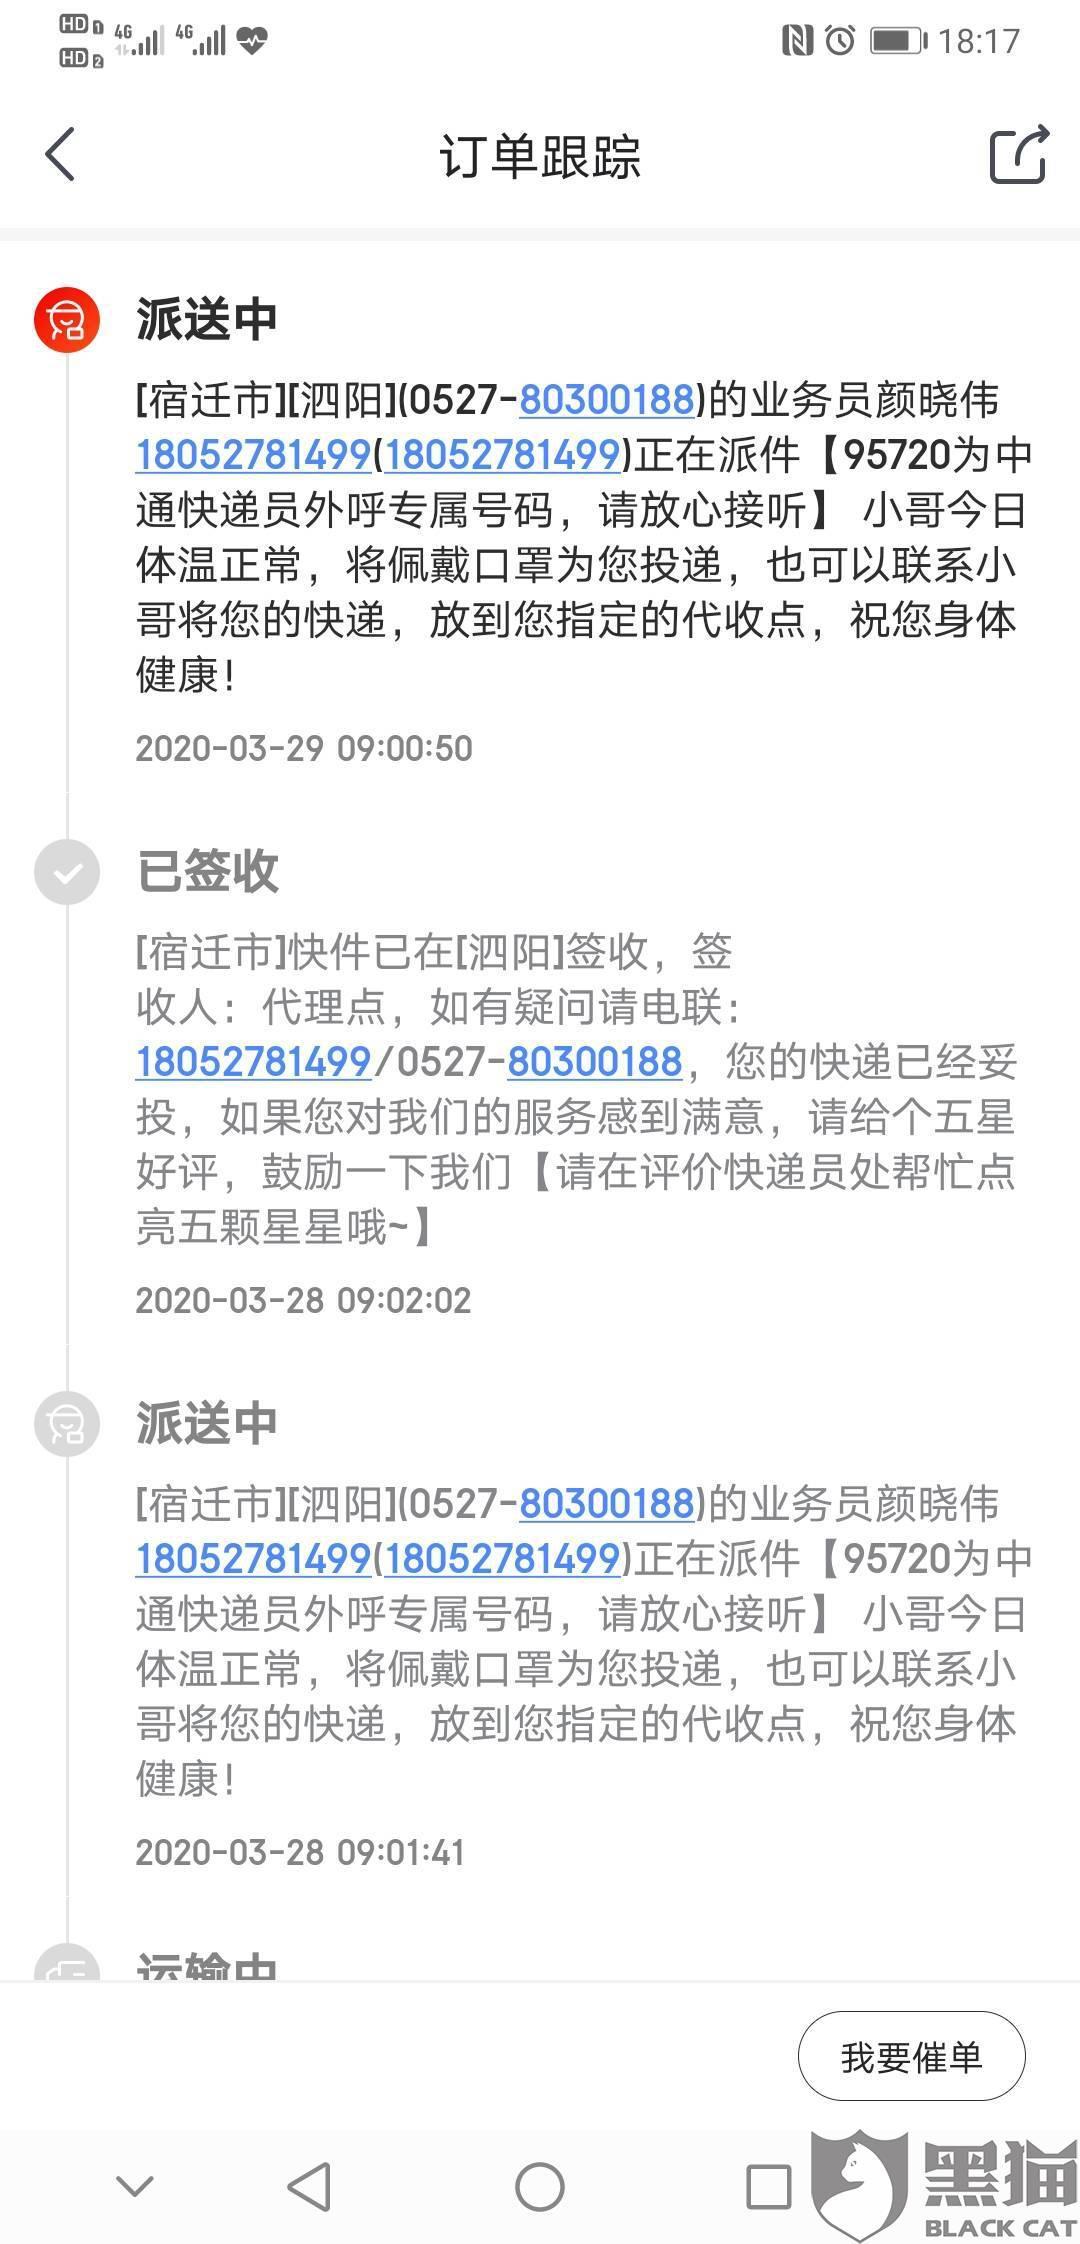 黑猫投诉:中通官方微博用时2天解决了消费者投诉